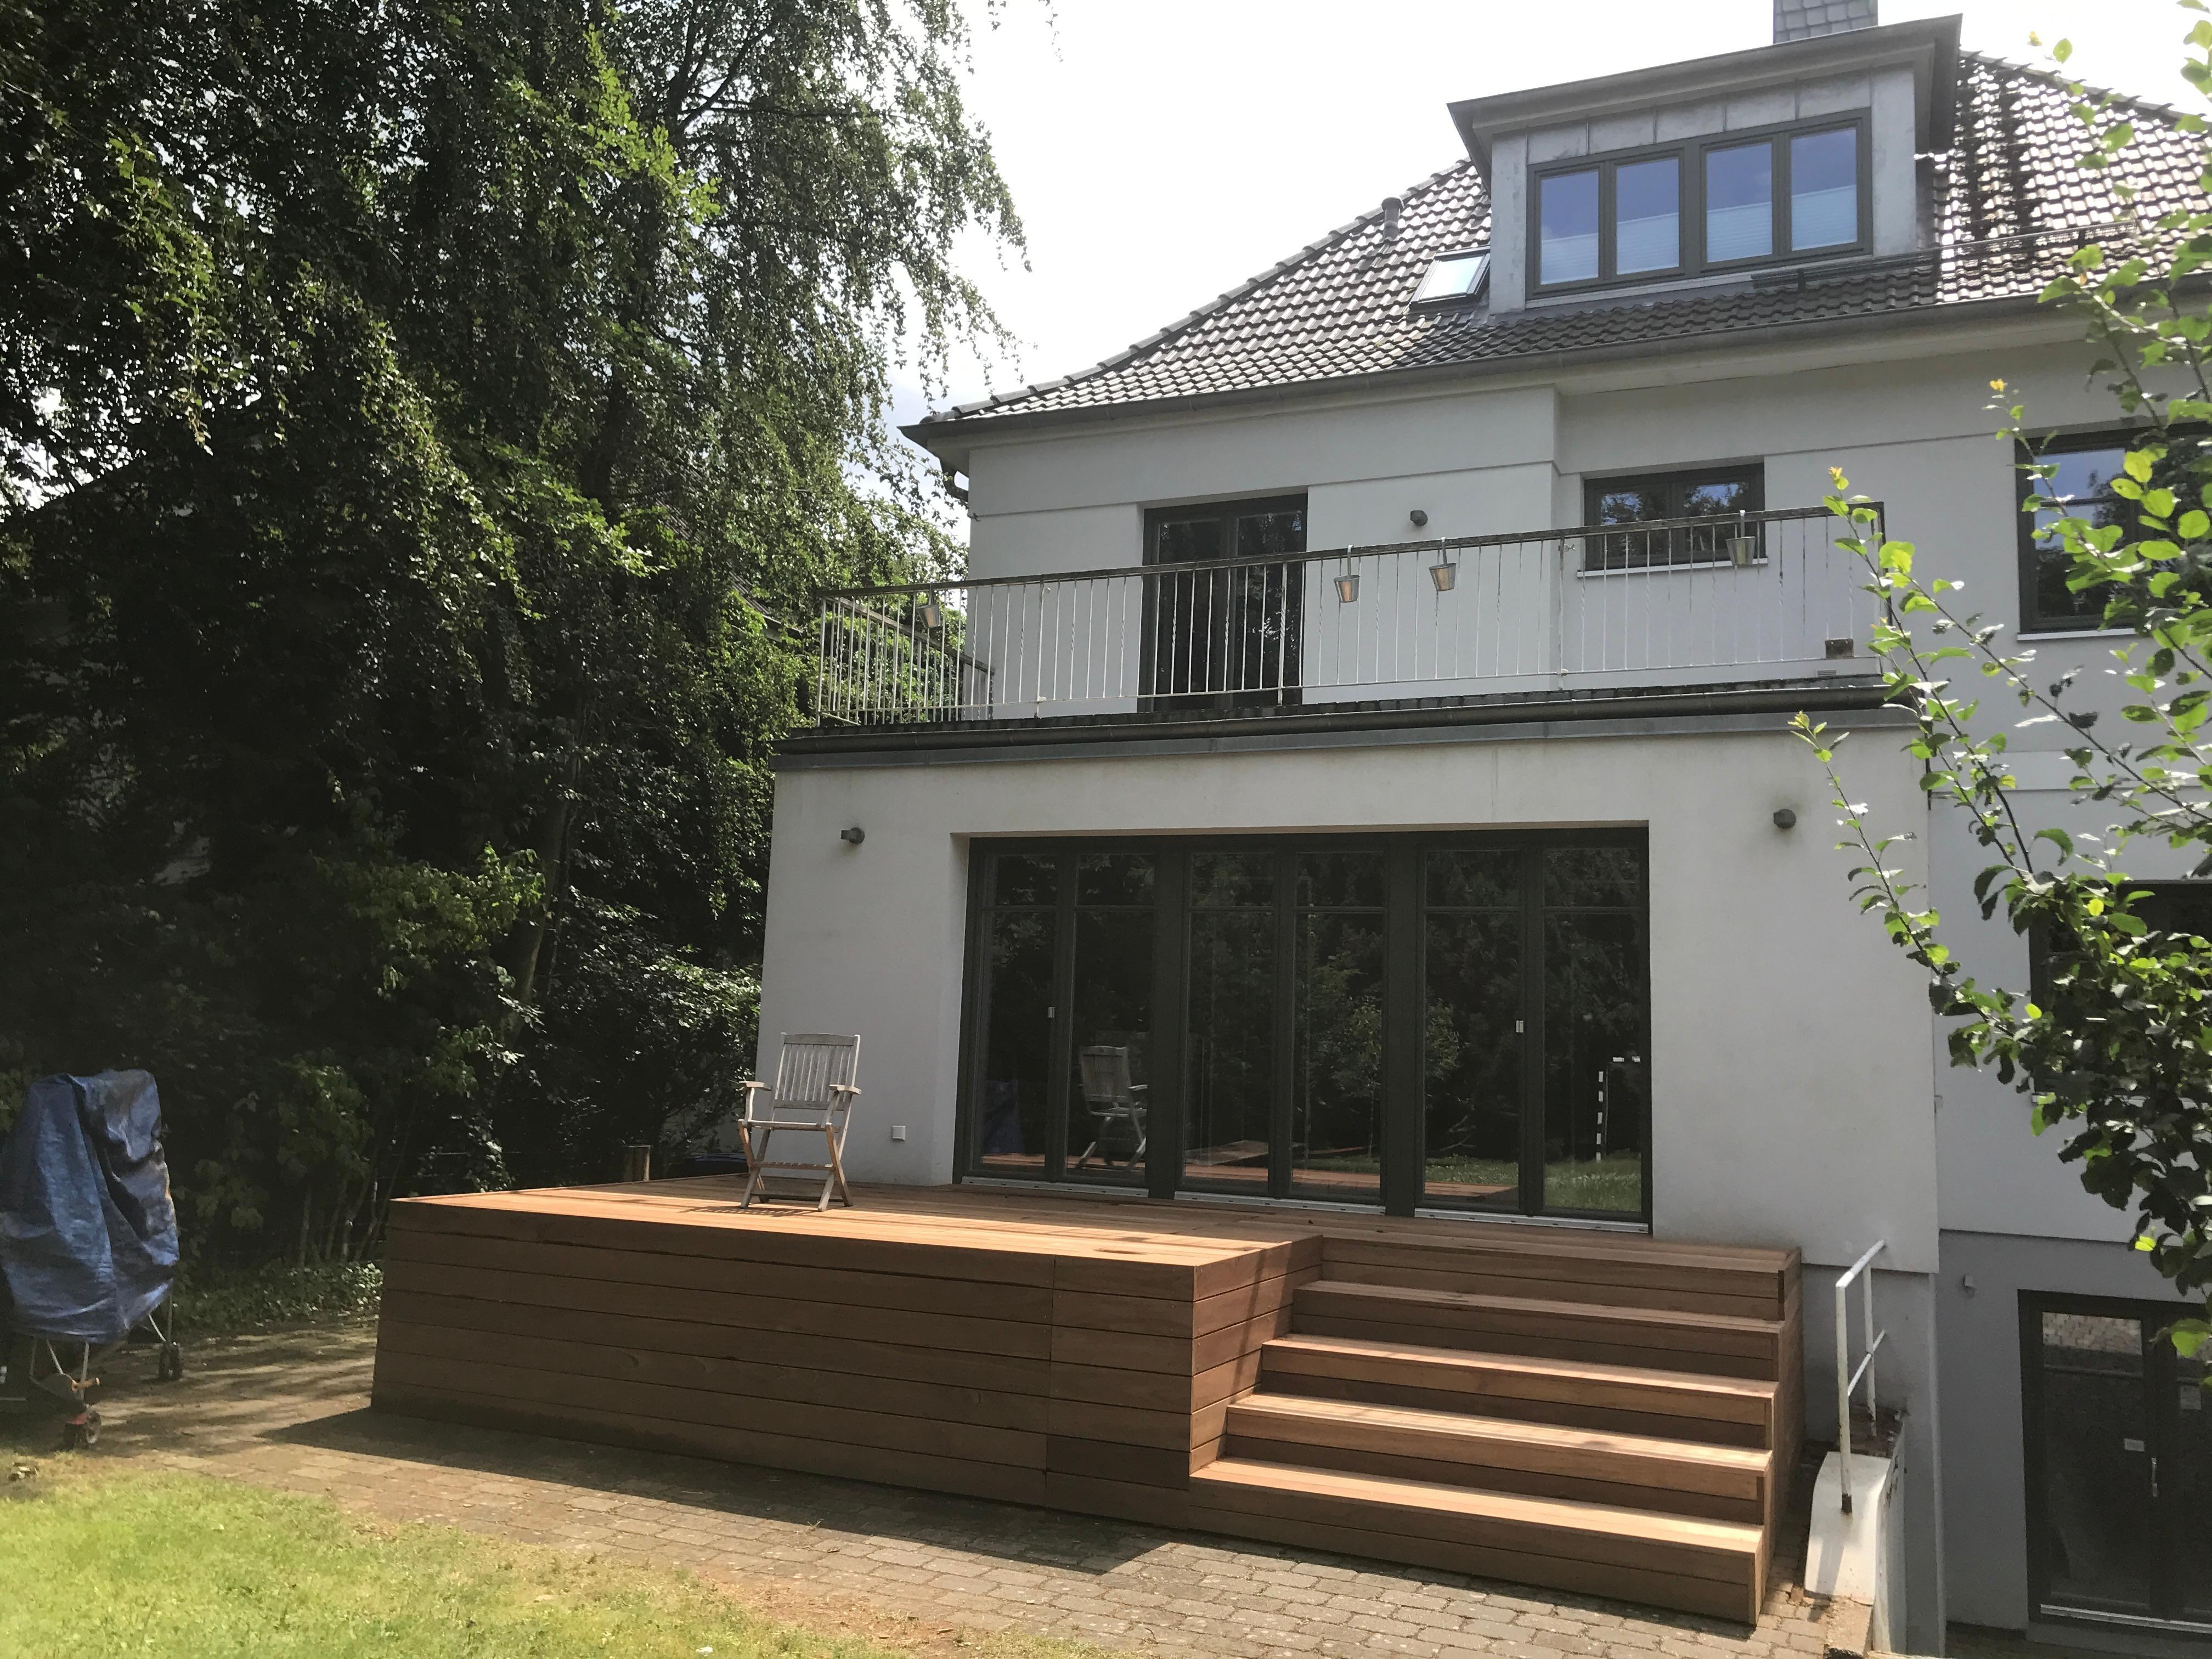 Terrassen-Ideen: So gestaltest du deinen Außenbereich!